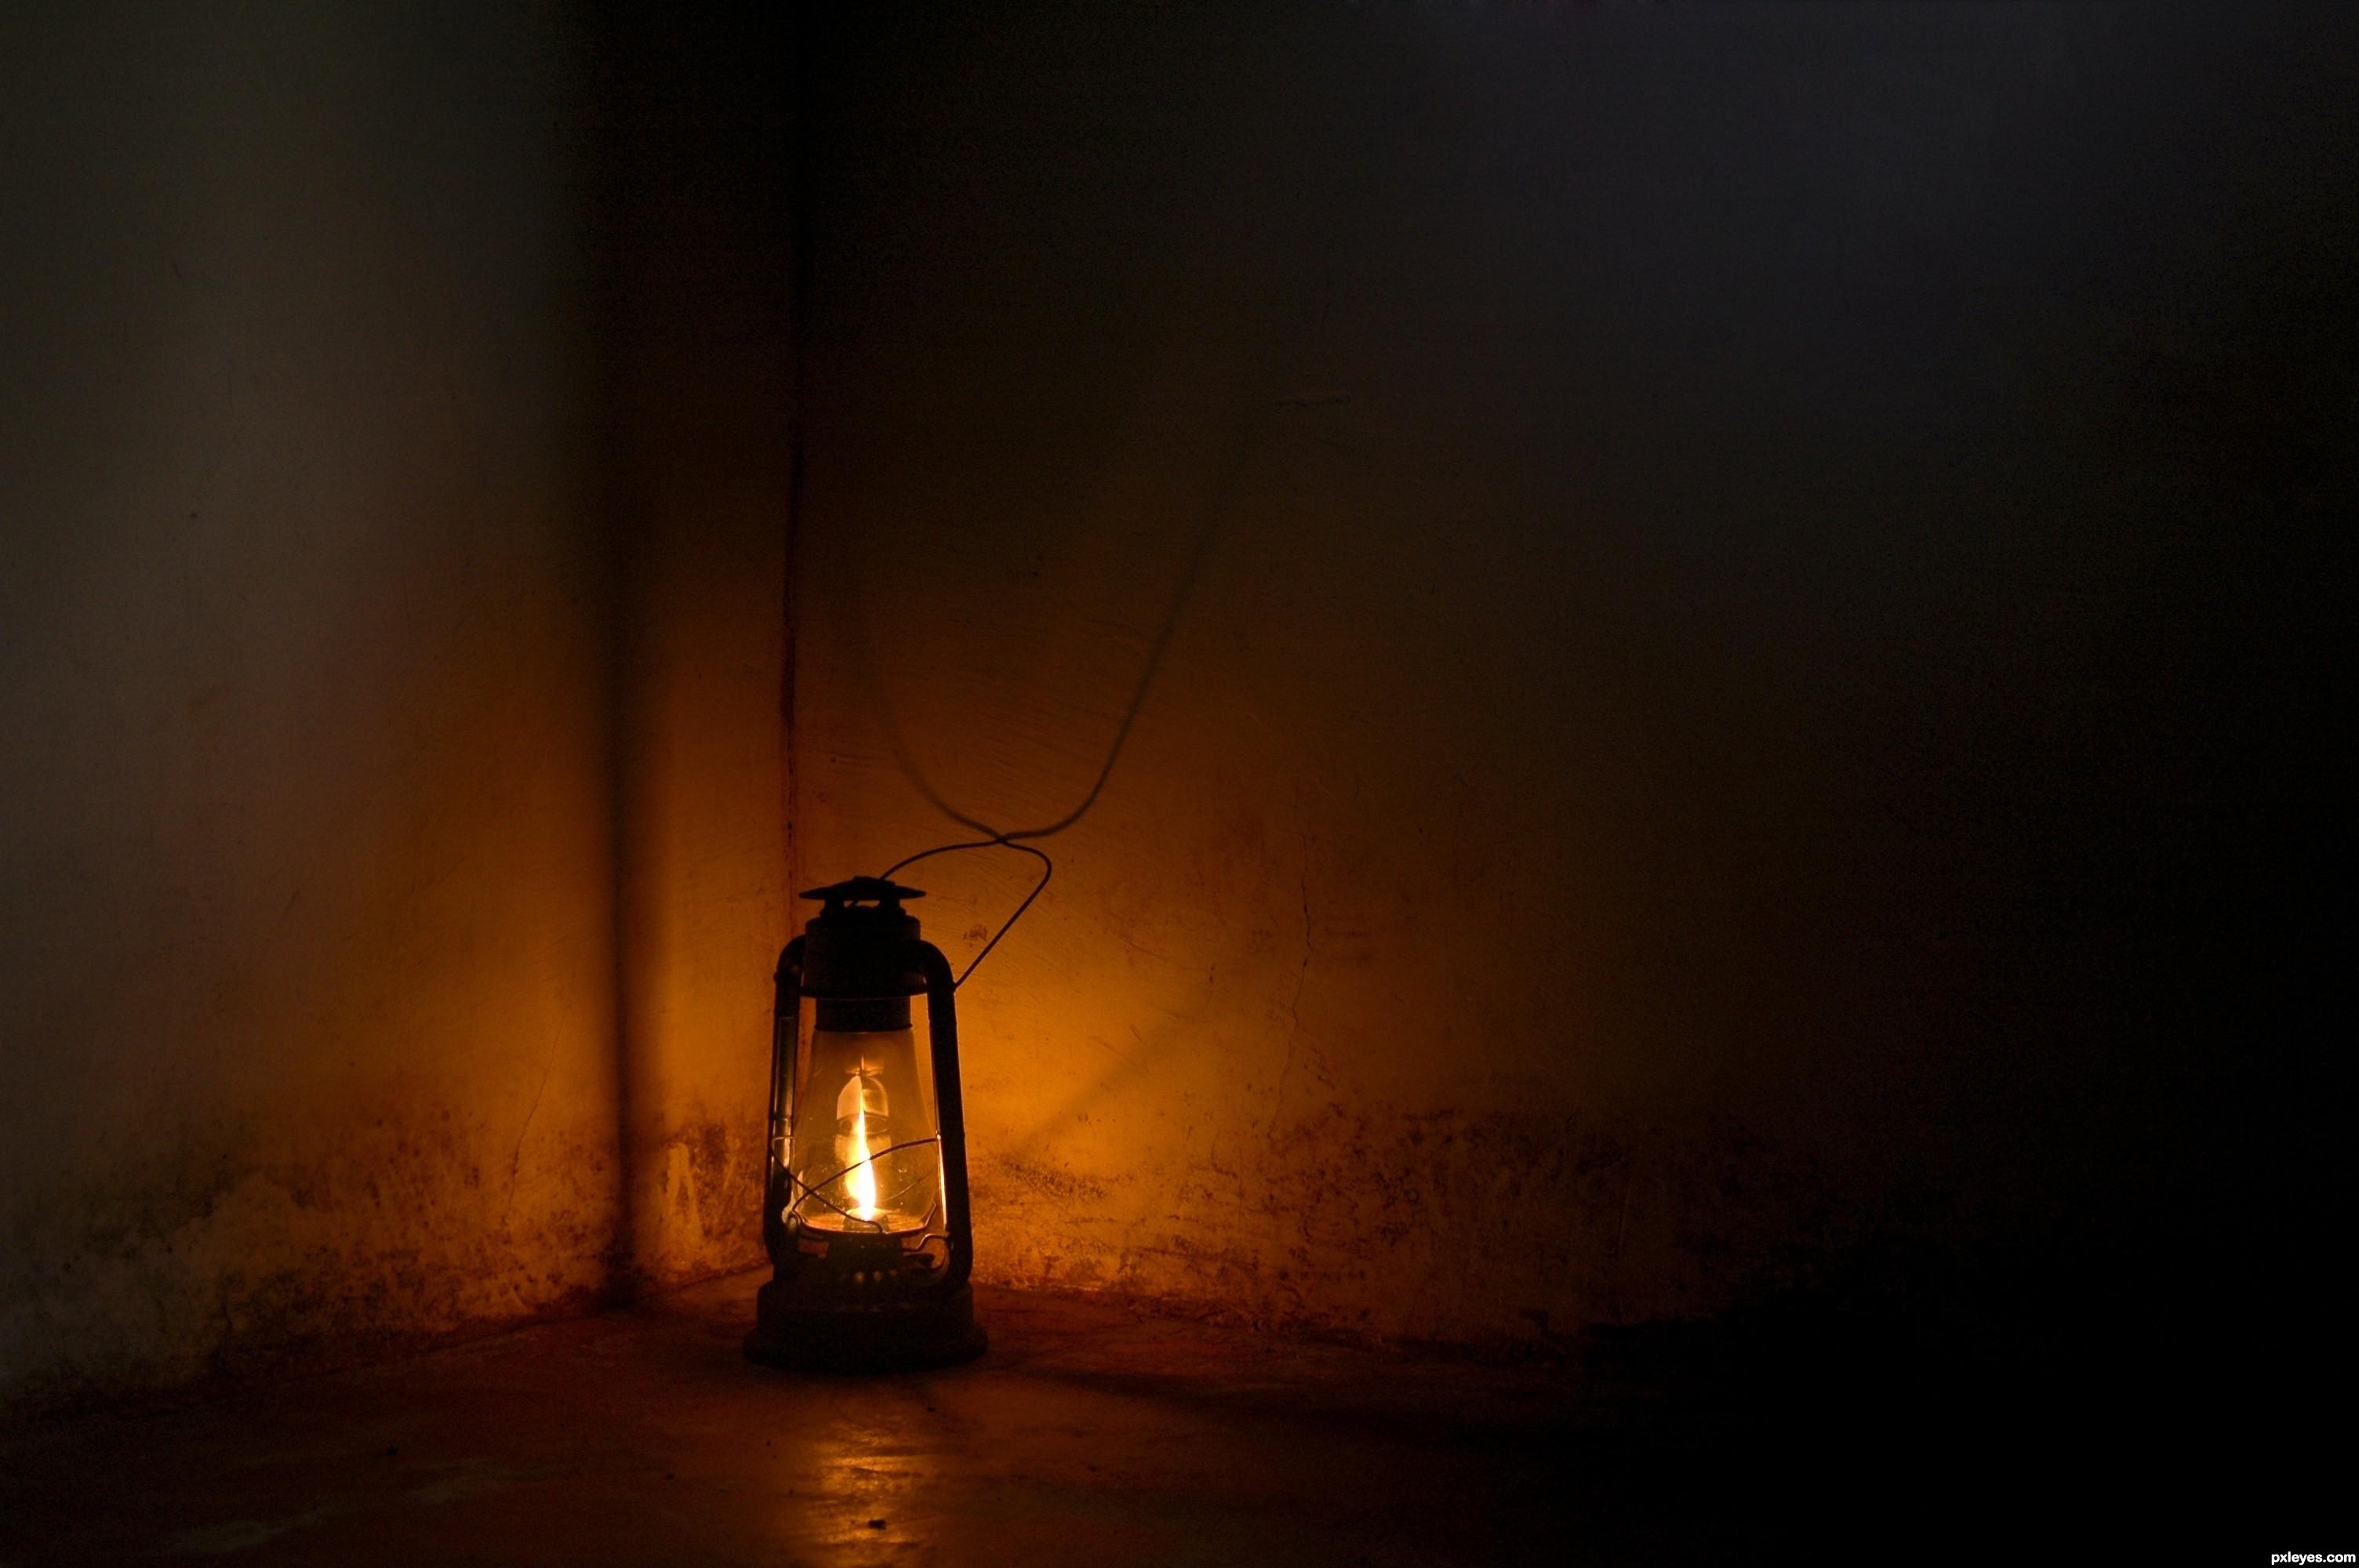 Animated Burning Lamp Oil : Oil lamp wallpaper wallpapersafari